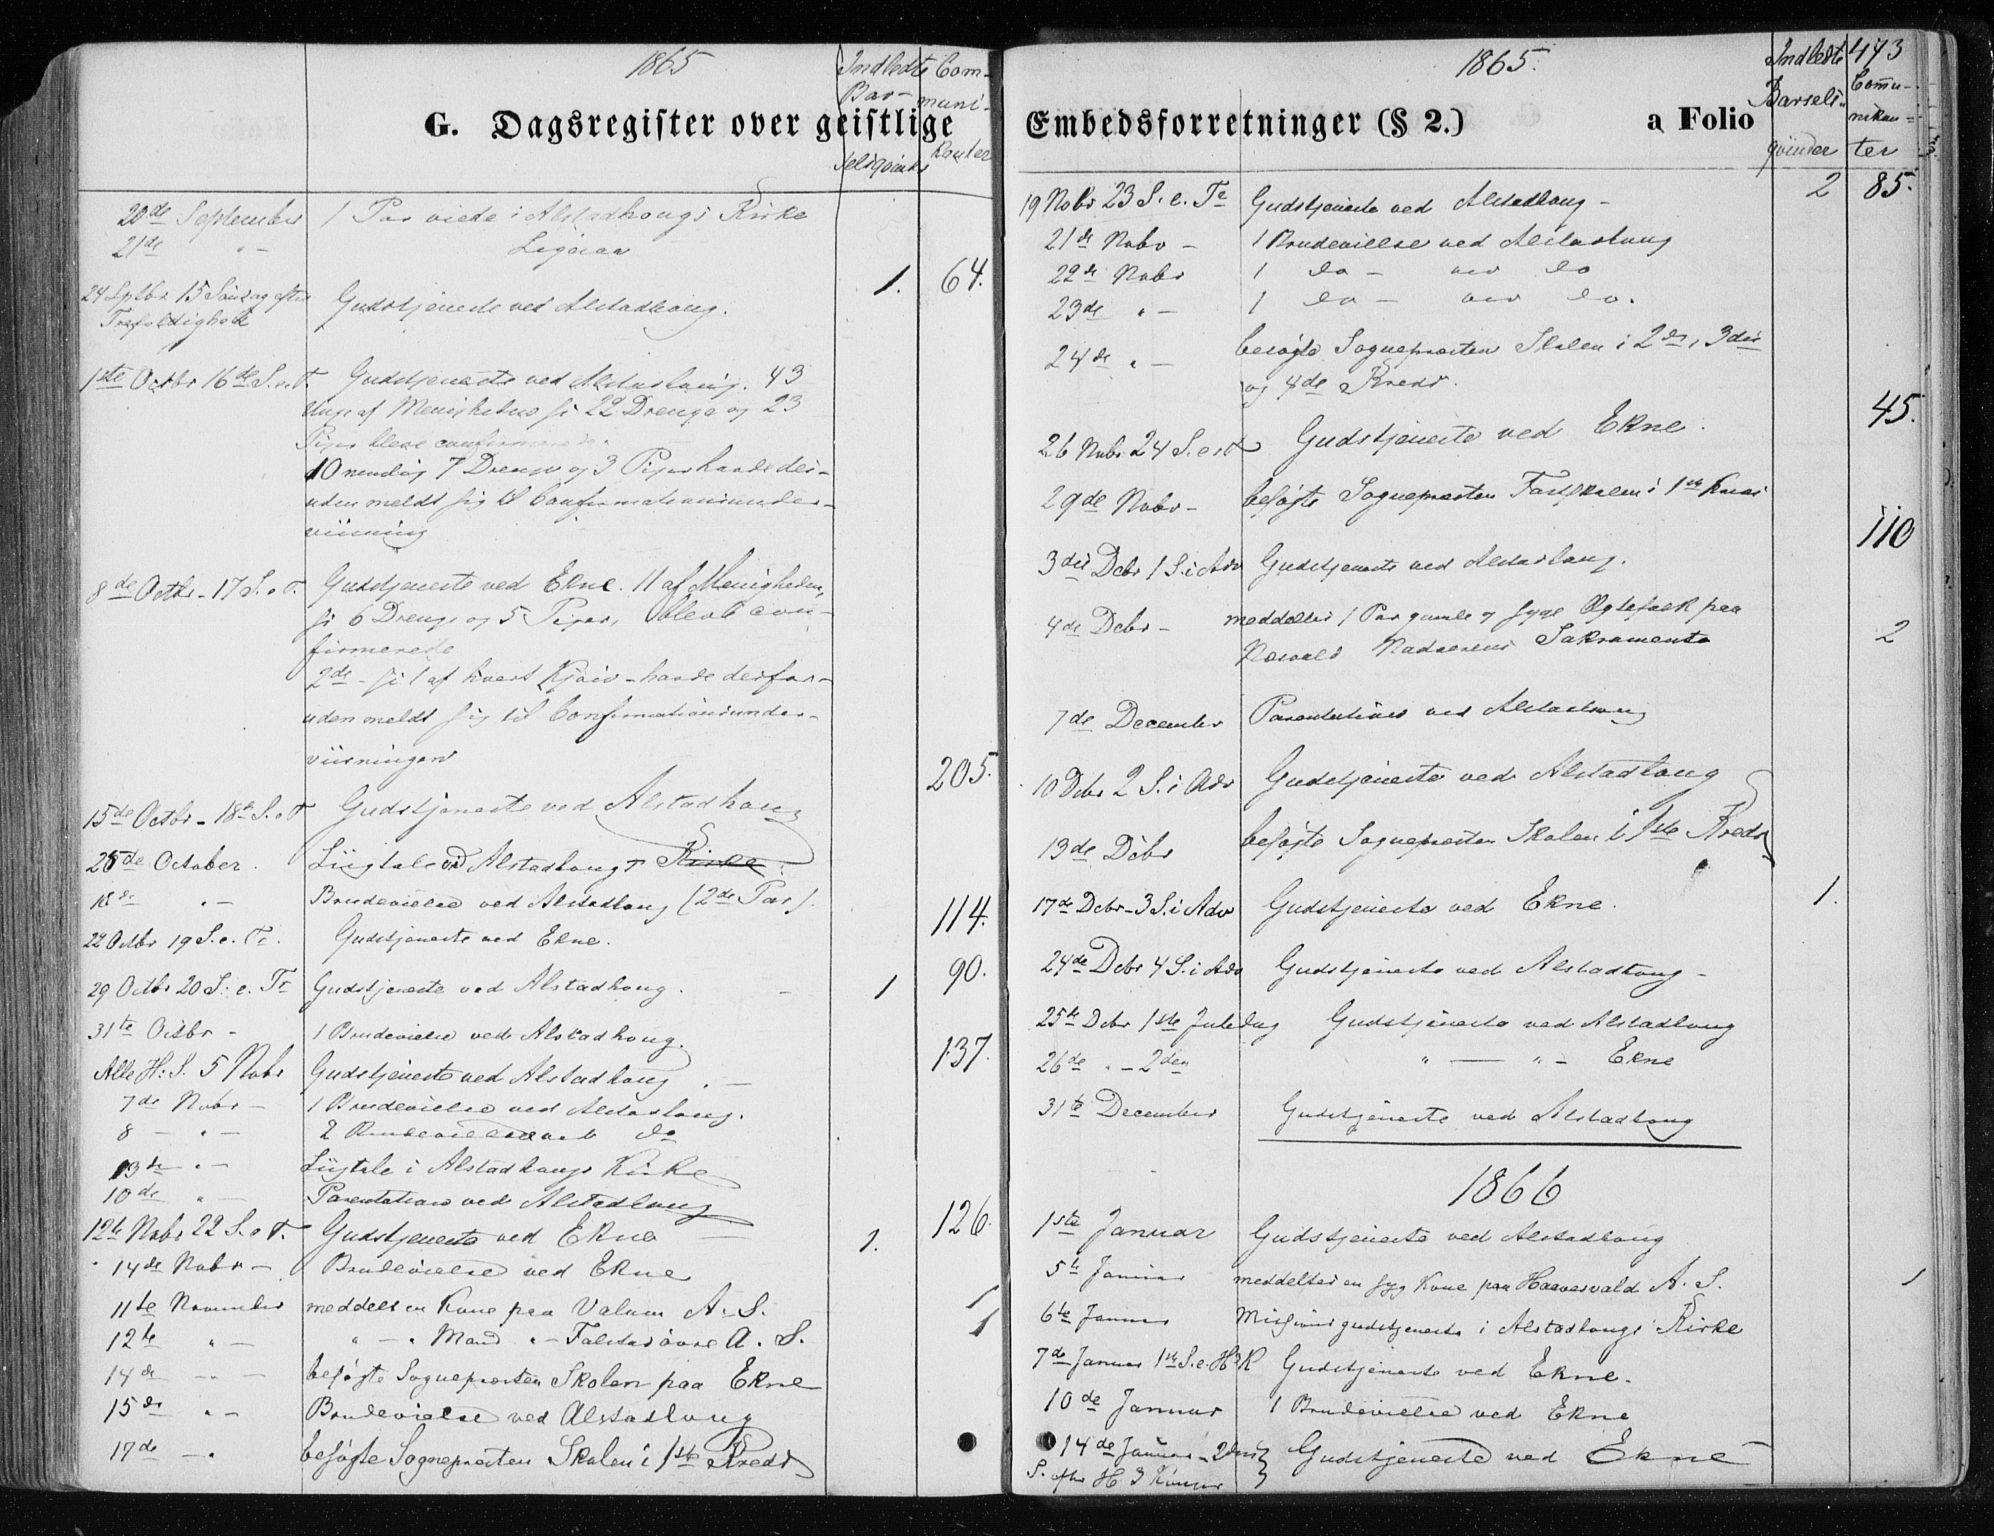 SAT, Ministerialprotokoller, klokkerbøker og fødselsregistre - Nord-Trøndelag, 717/L0157: Ministerialbok nr. 717A08 /1, 1863-1877, s. 473